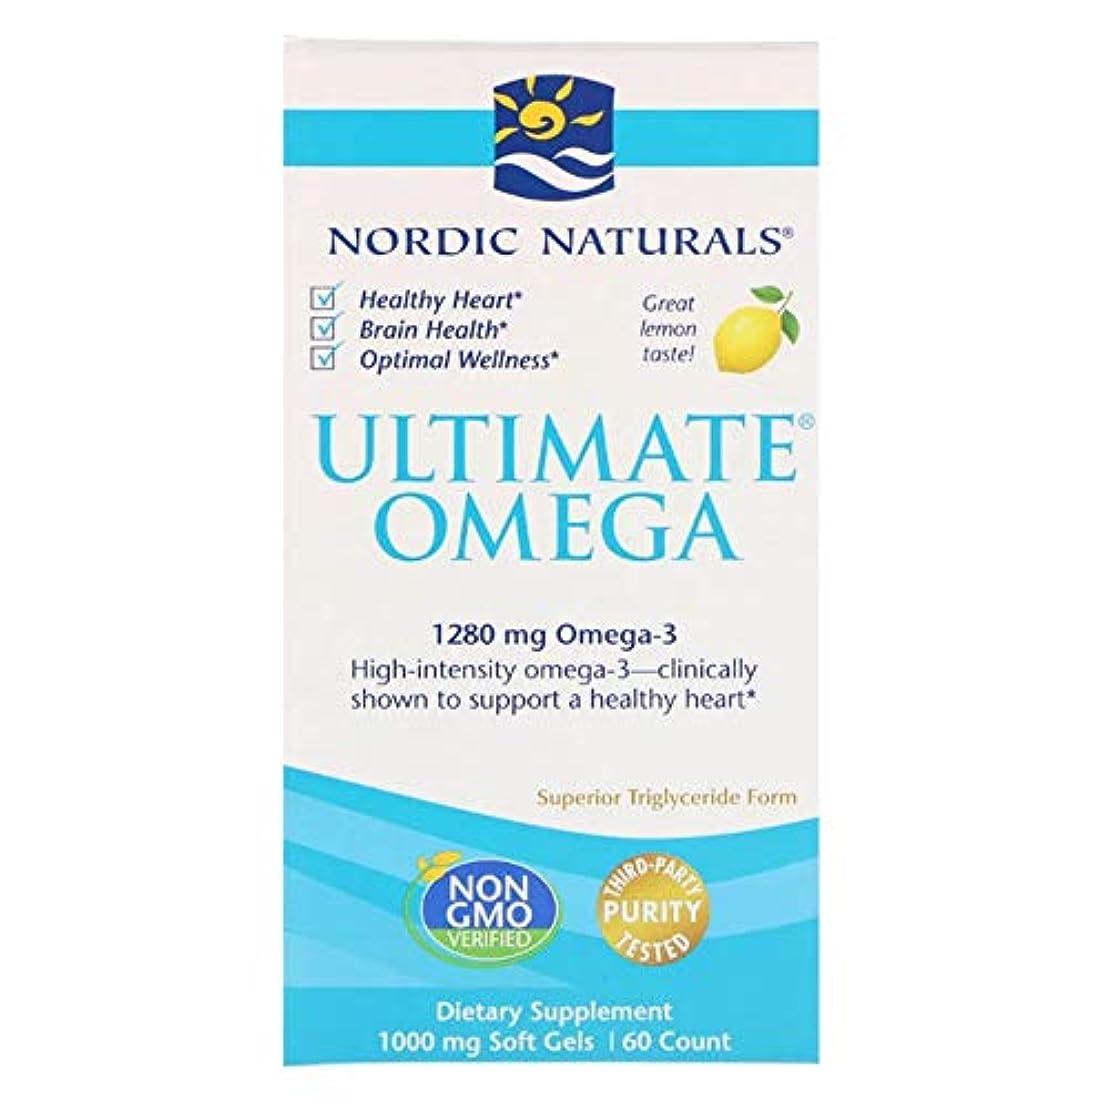 機械ハイライト医学Nordic Naturals 究極のオメガ レモン 1280 mg 60ソフトゼリー 【アメリカ直送】